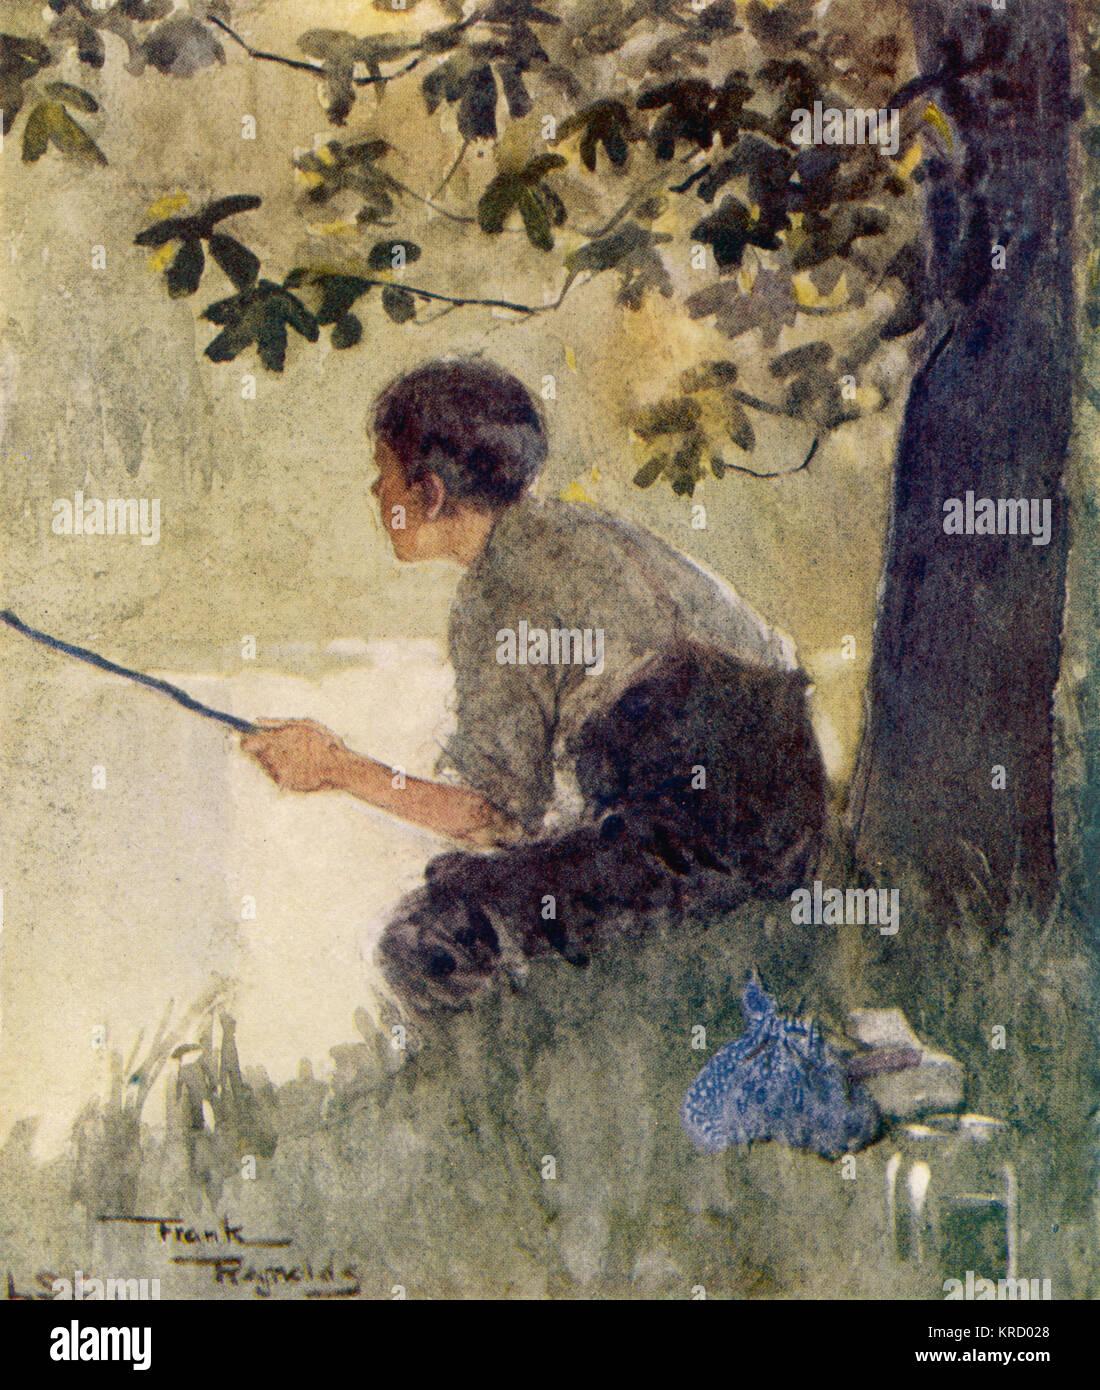 Un ragazzo si siede tranquillamente la pesca. Data: c.1915 Immagini Stock